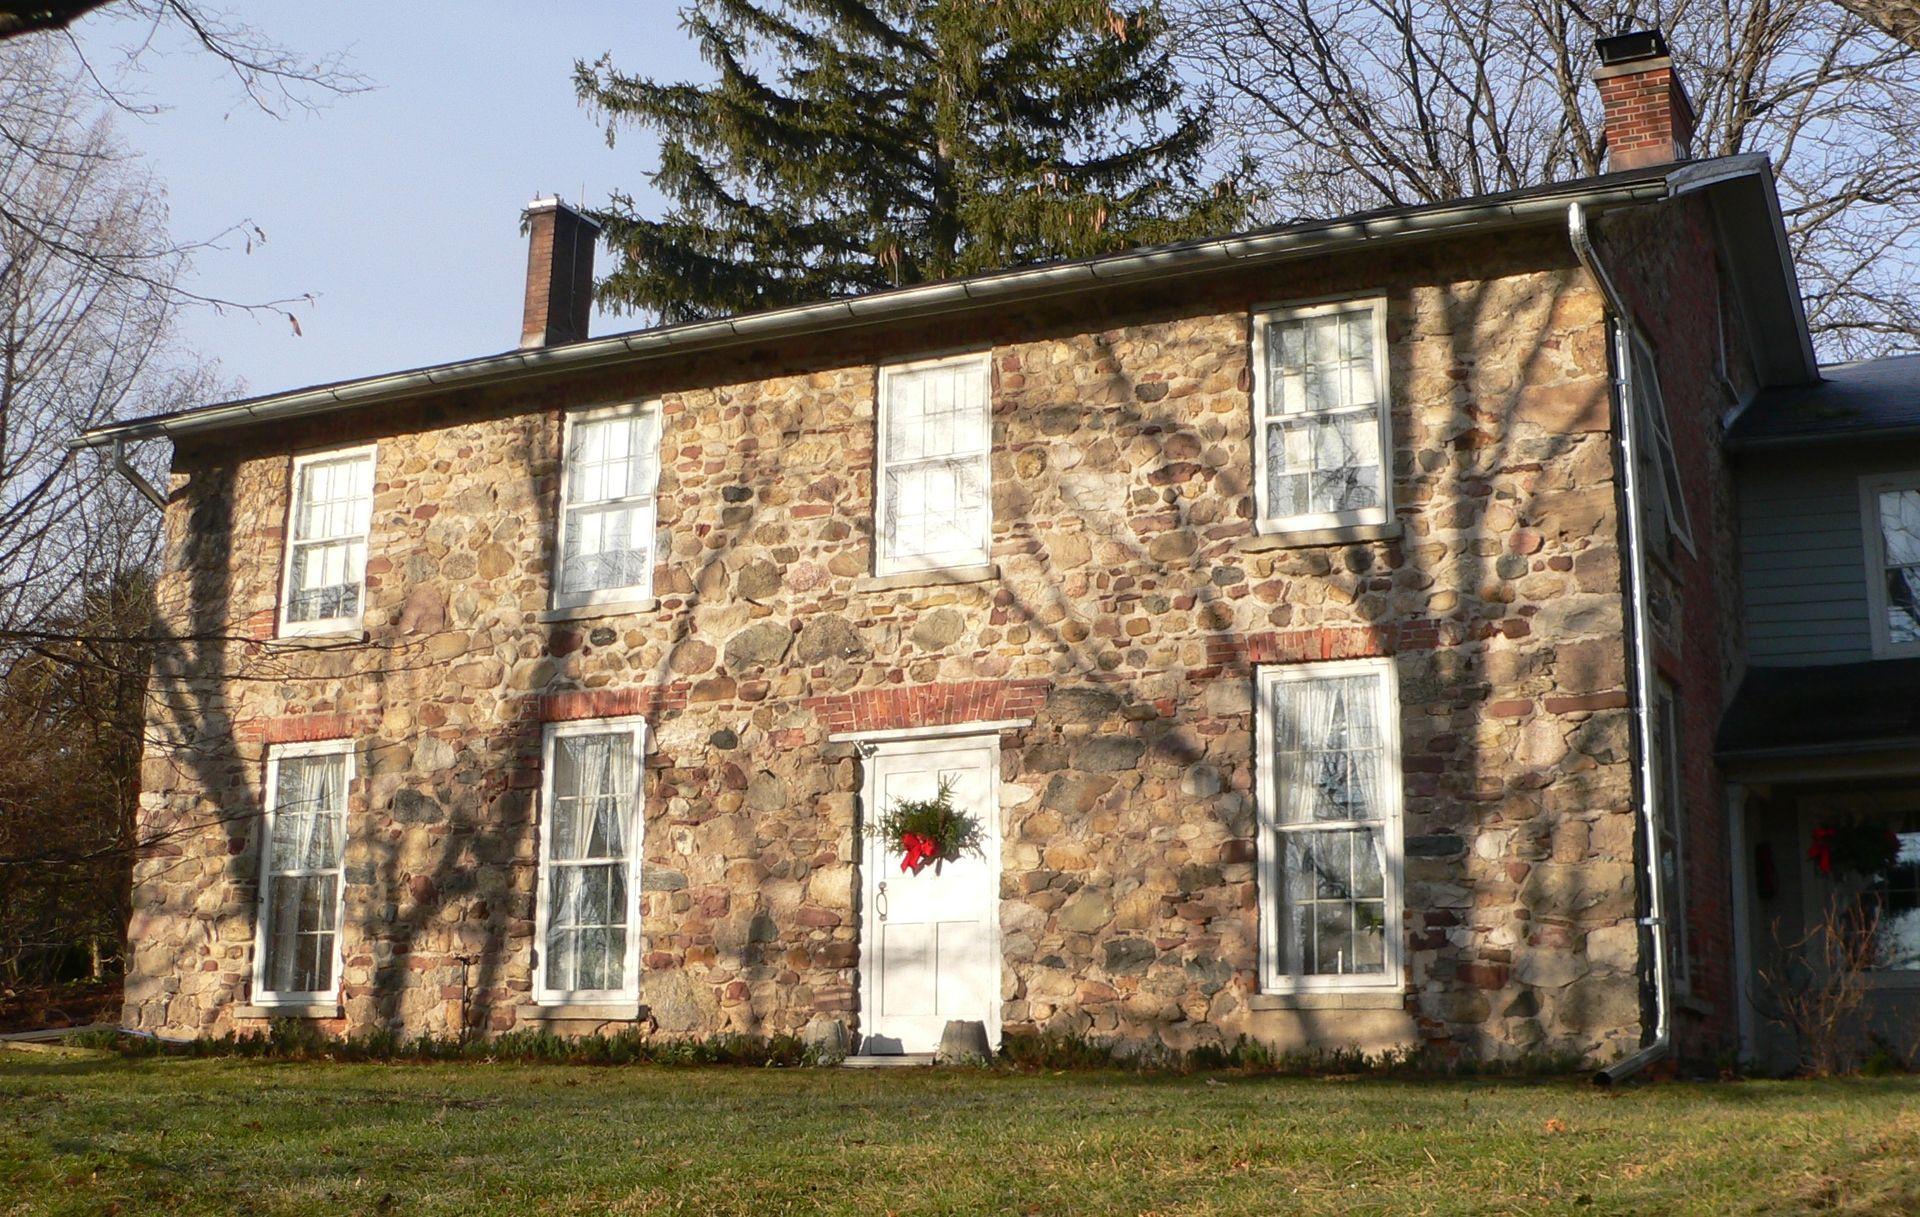 The Antoinette Blackwell Childhood Home